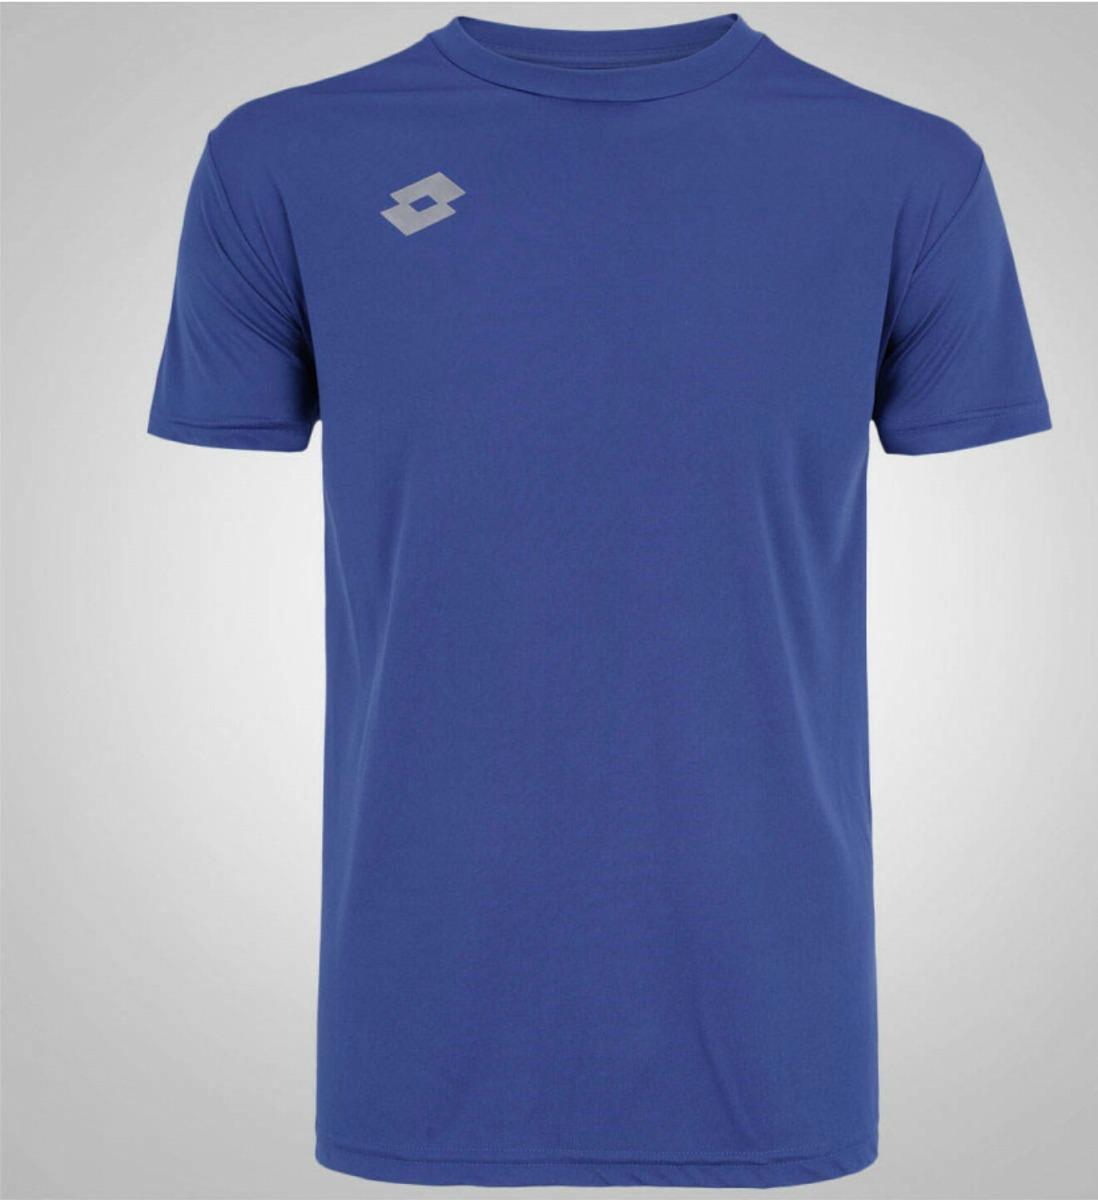 camiseta lotto brodsy poli - masculina azul escuro. Carregando zoom. 51d69a84a4fc4